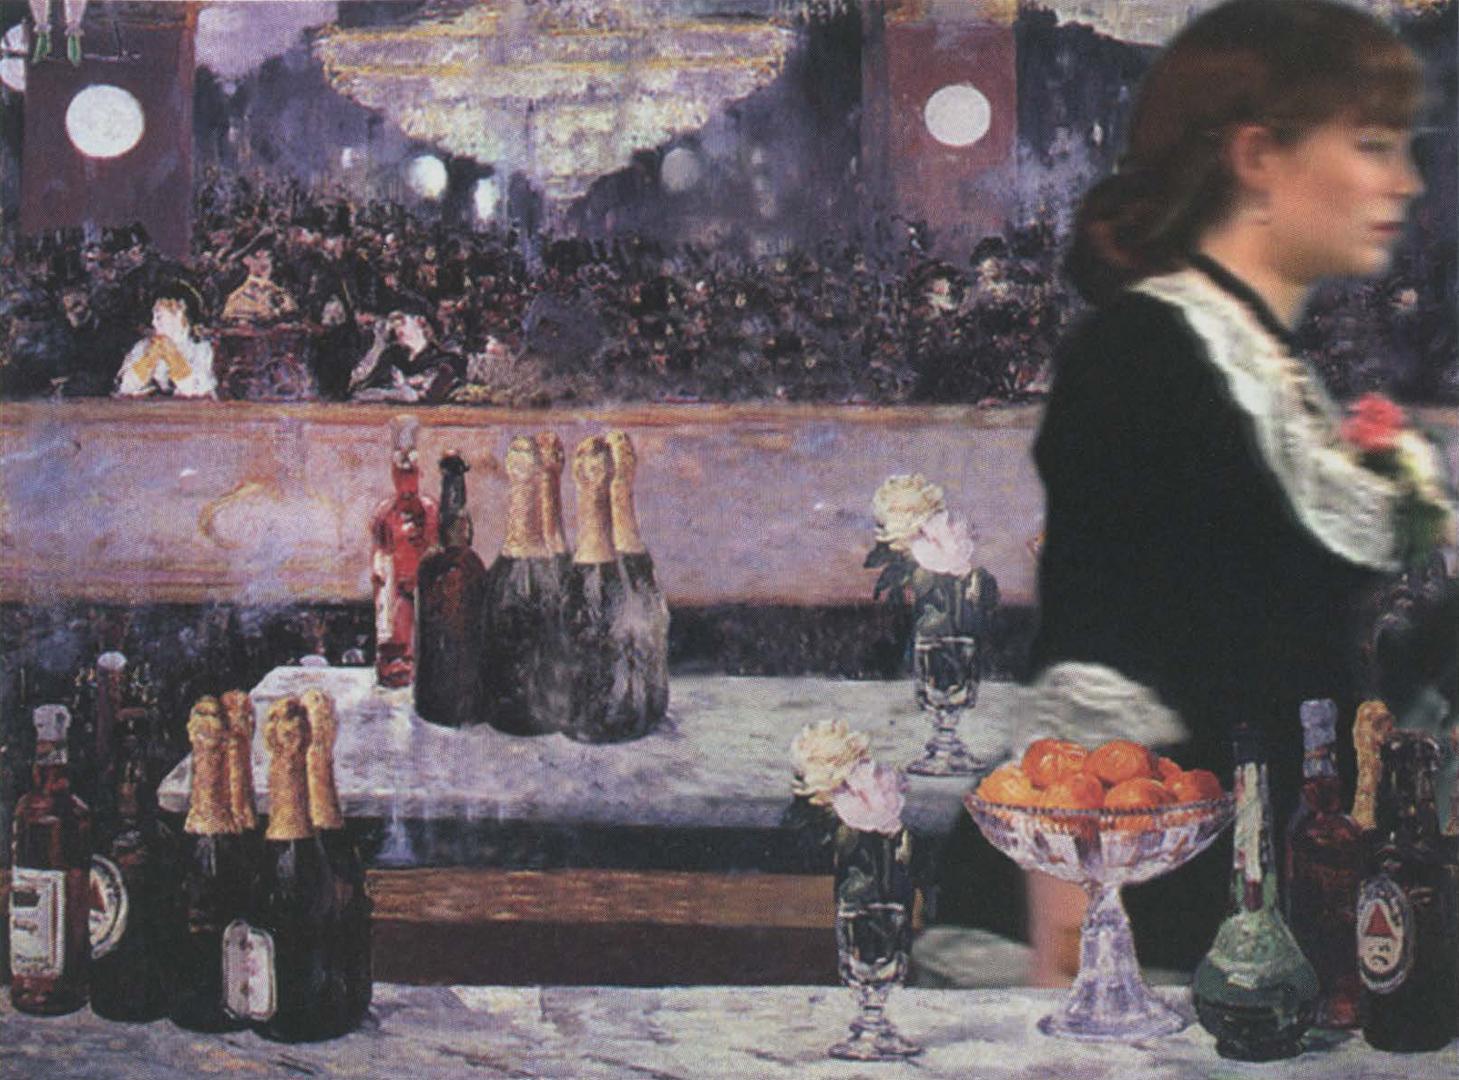 ©2007, Shawn Lawson and Wafaa Bilal, A Bar at the Folies Bergère